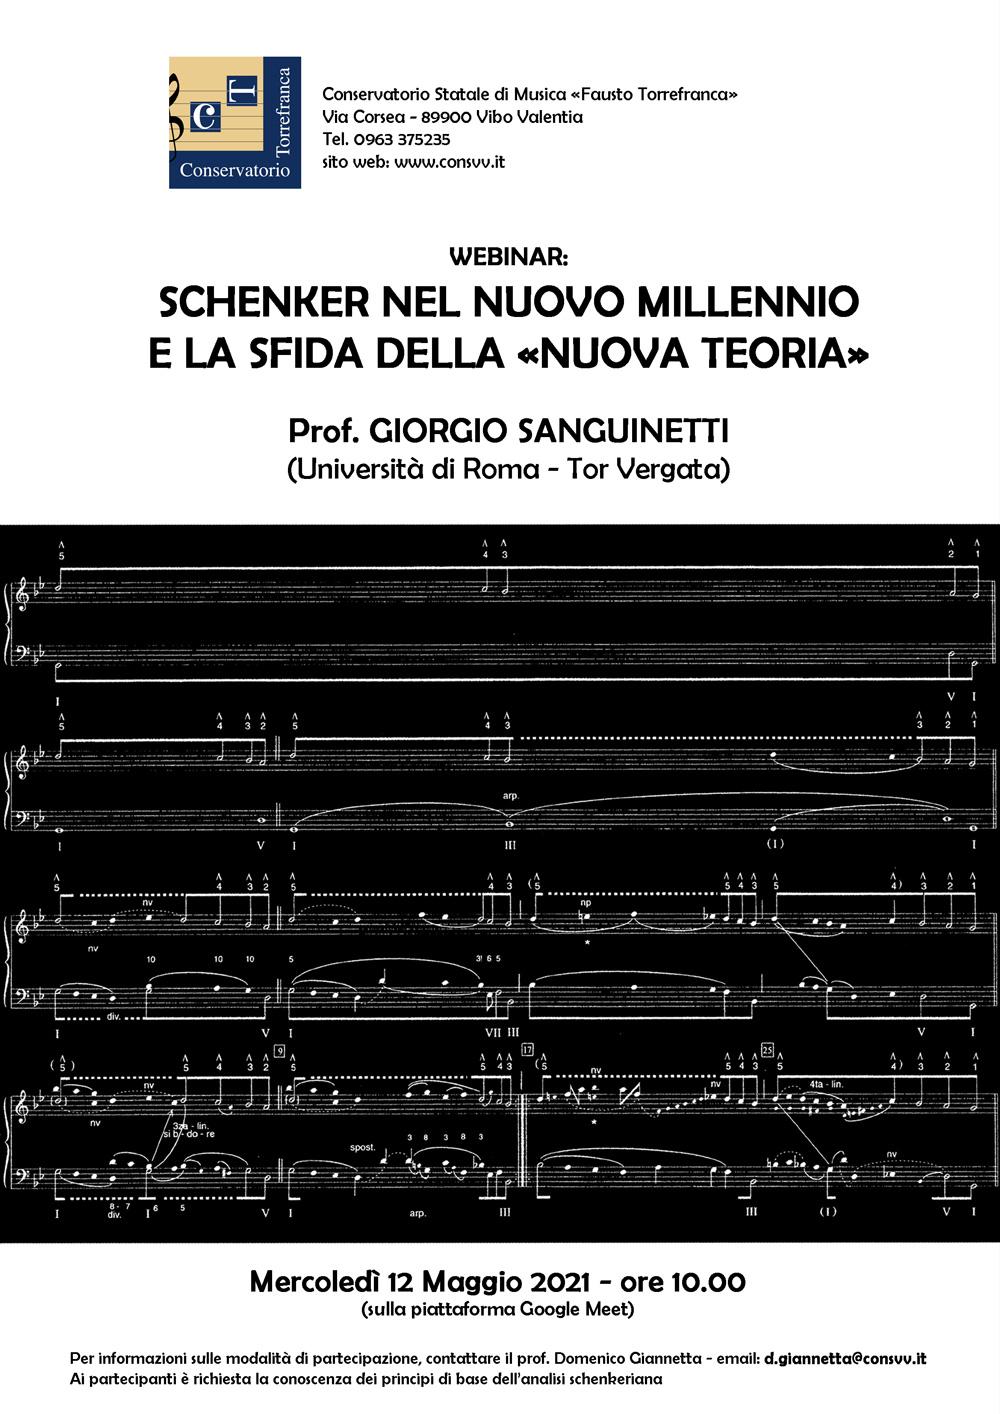 Webinar del prof. Giorgio Sanguinetti